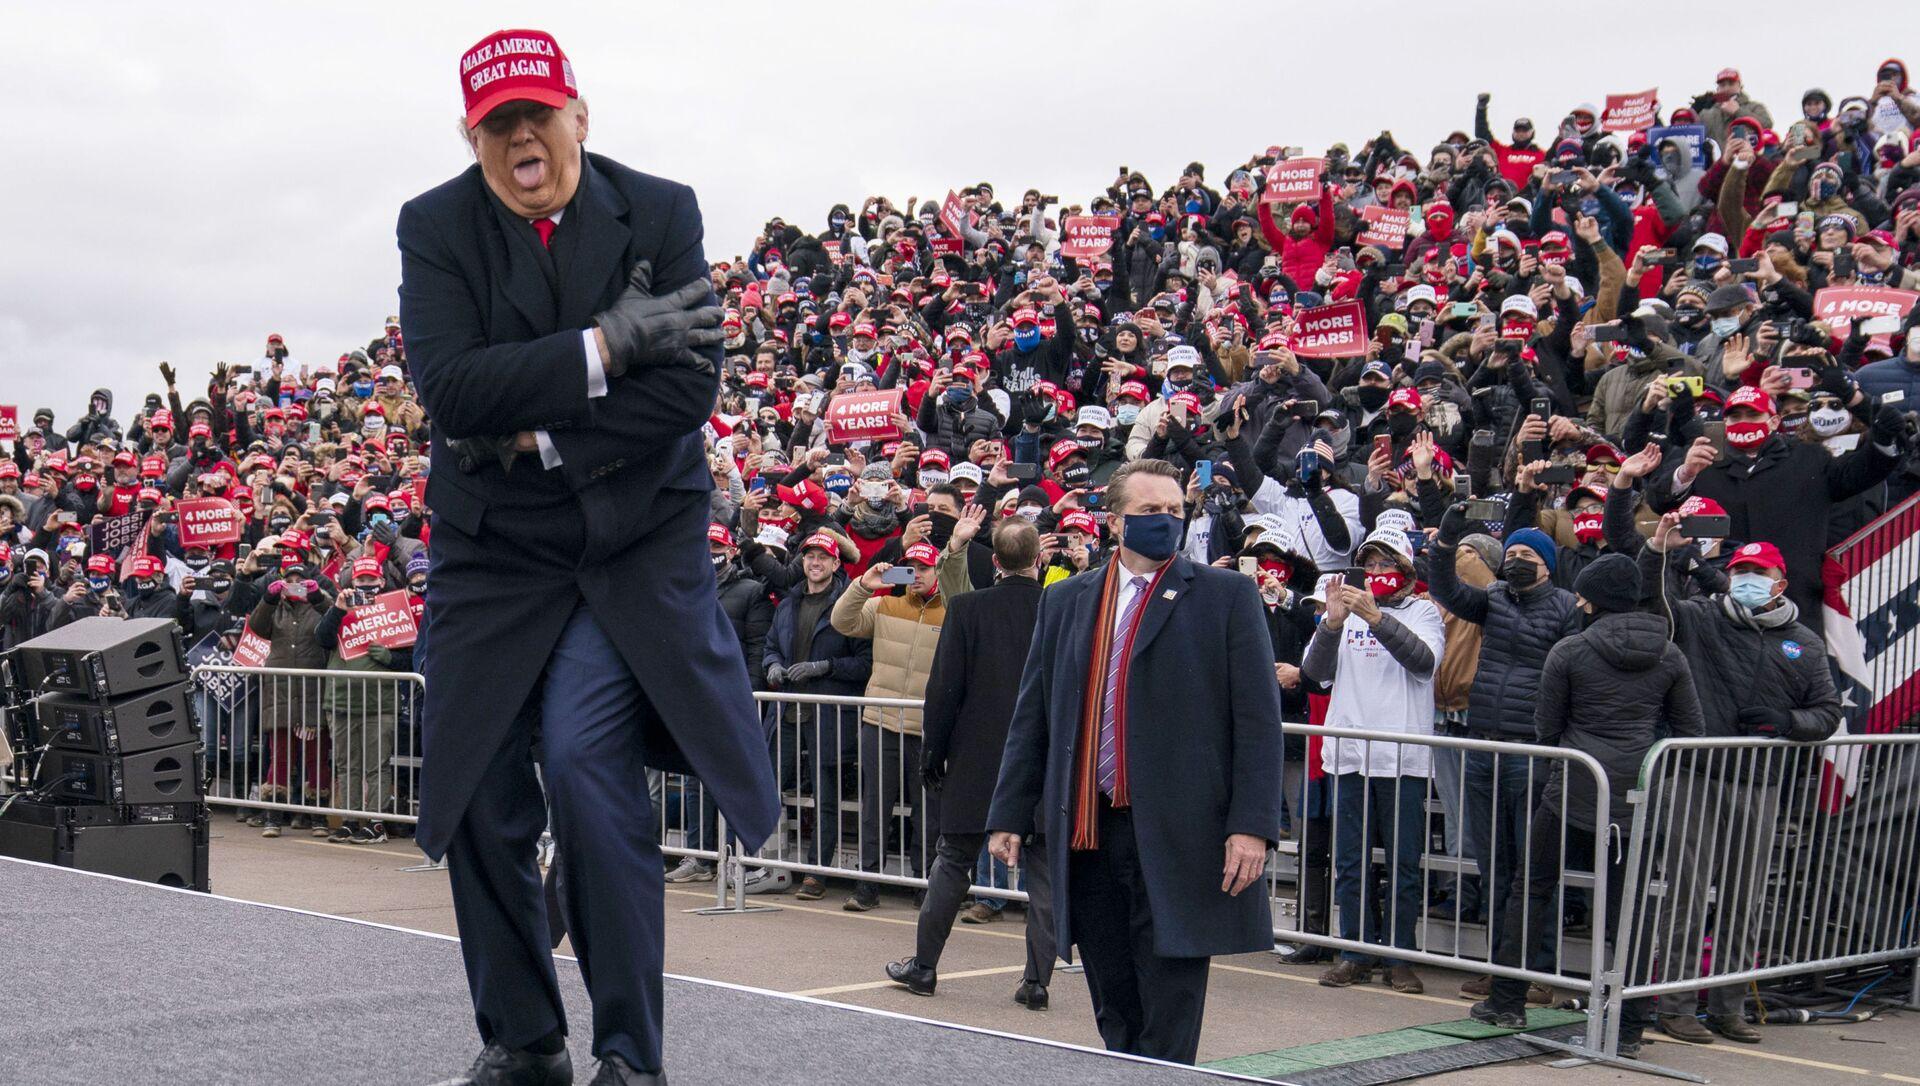 Президент США Дональд Трамп шутит о том, как он замерз, во время ралли в Мичигане, 2020 год  - Sputnik Italia, 1920, 06.05.2021